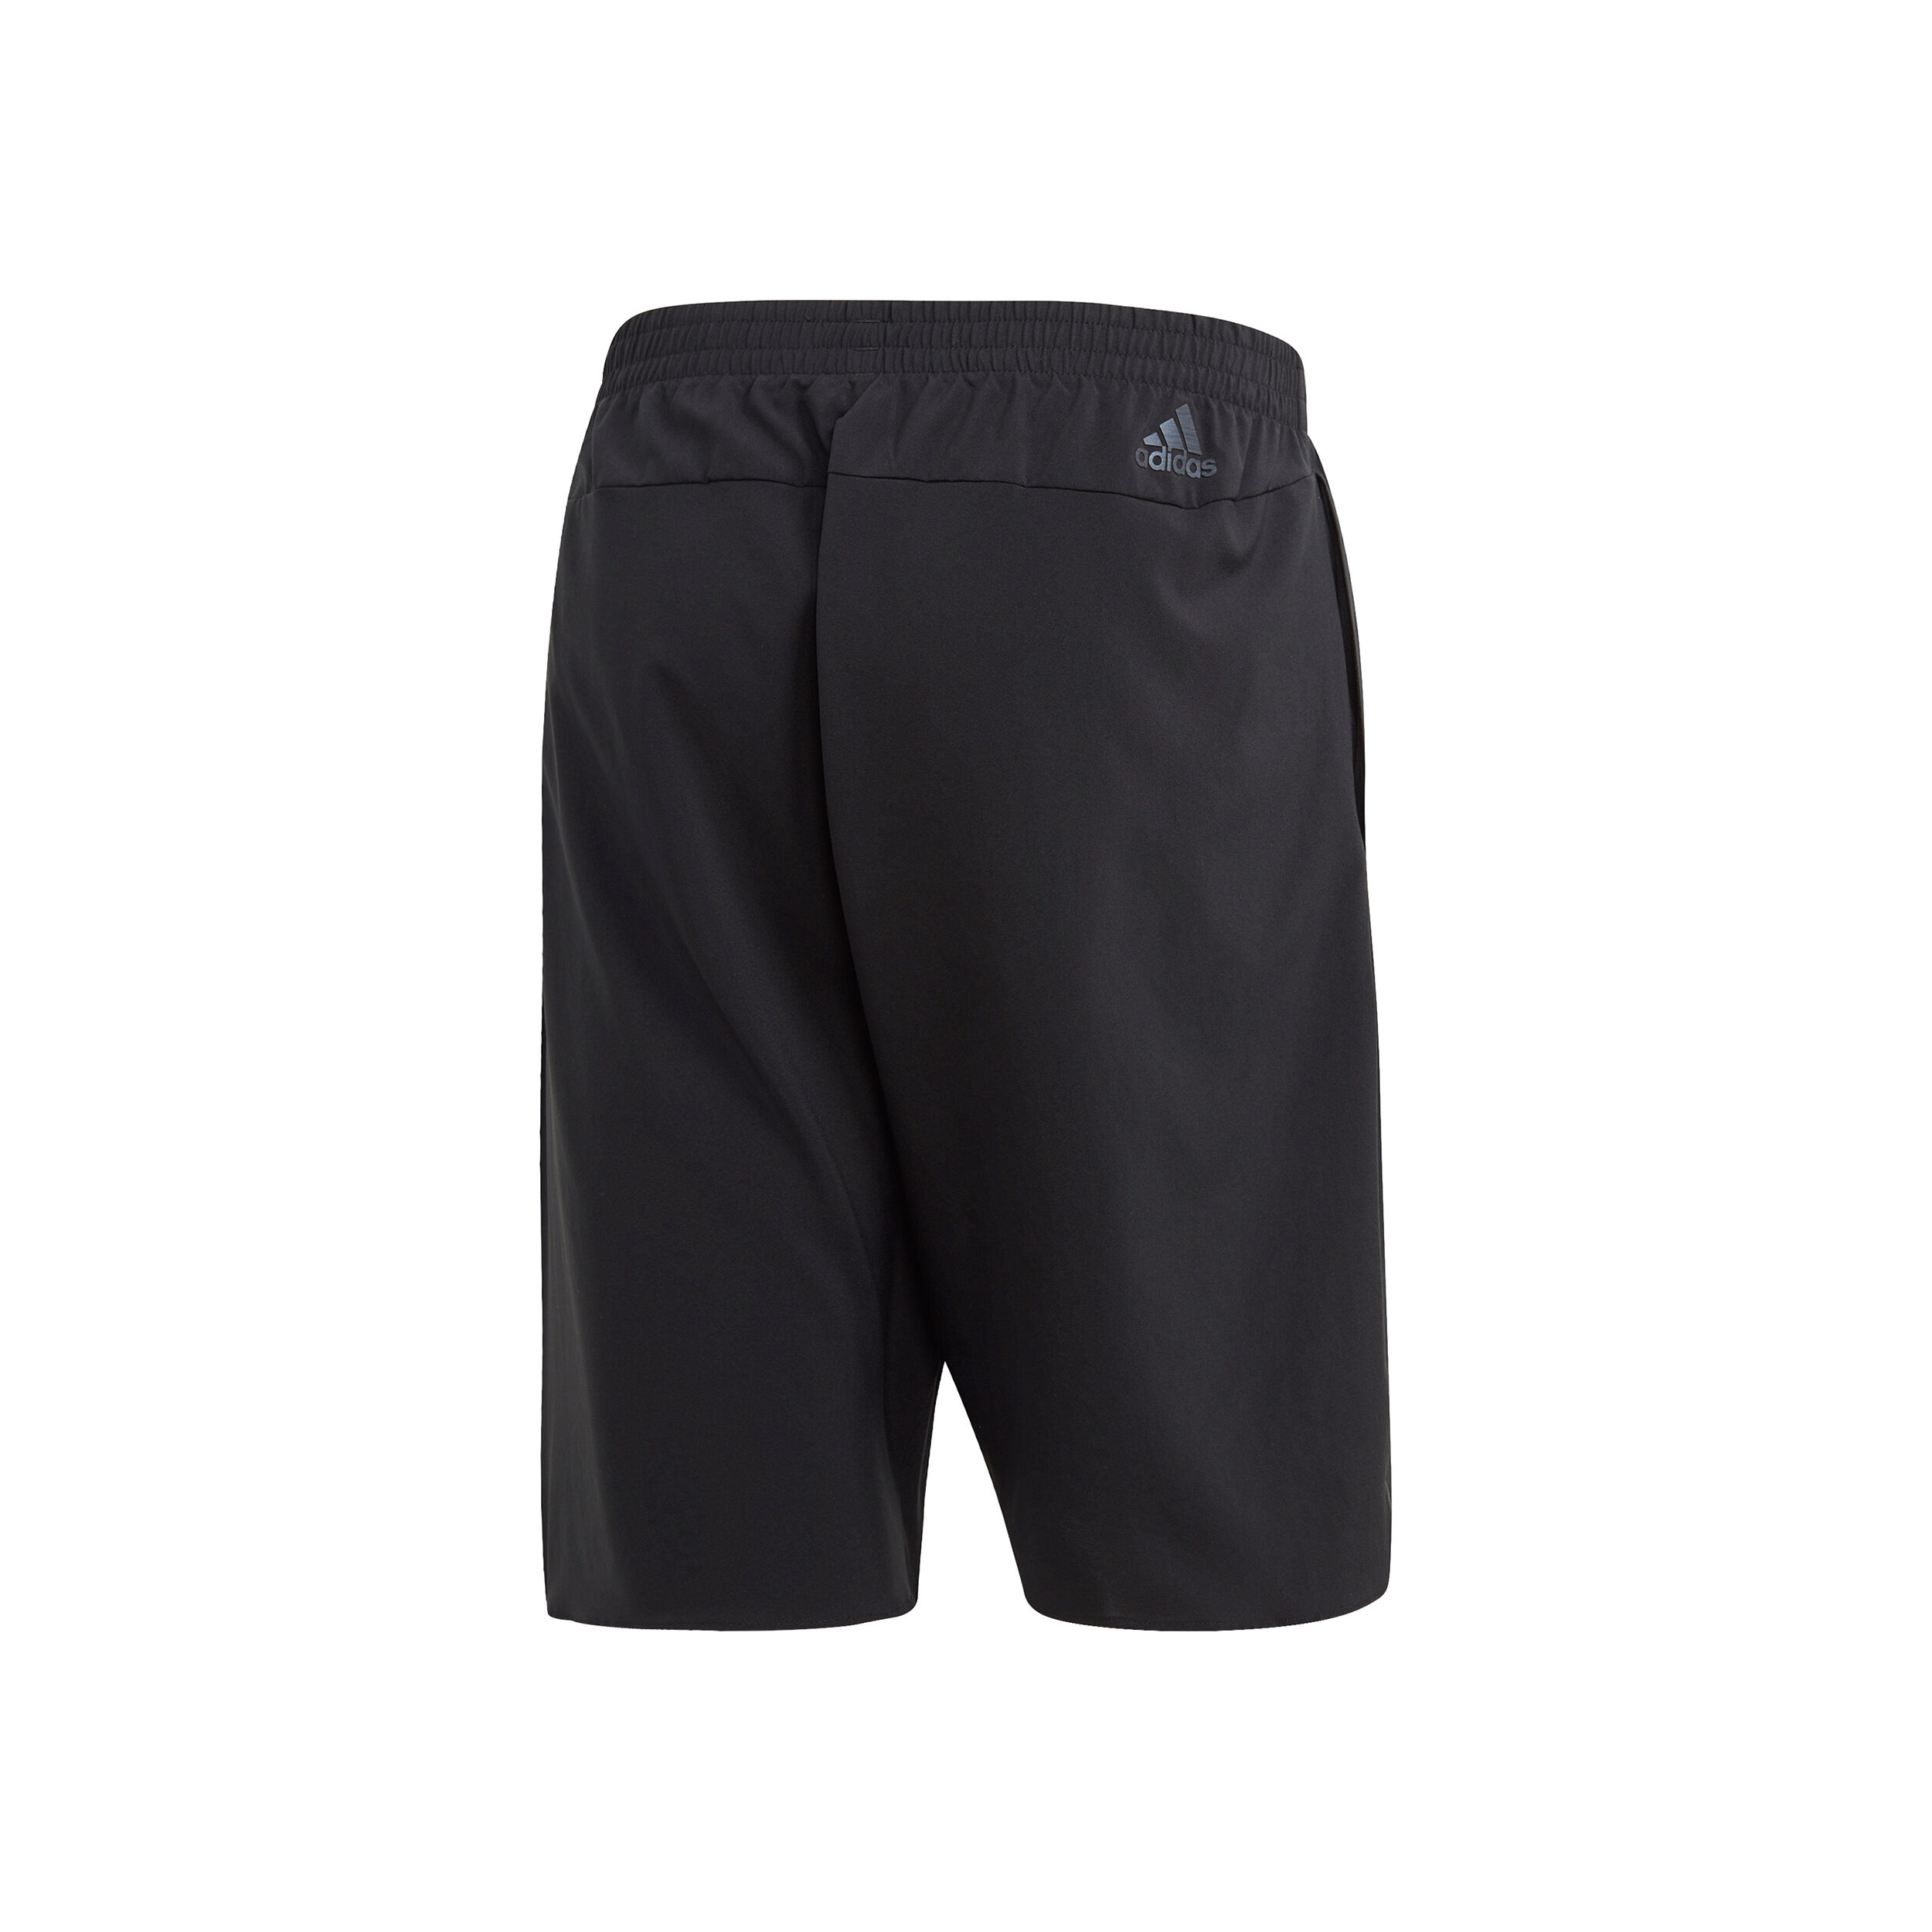 adidas Pure Shorts Herren Schwarz, Weiß